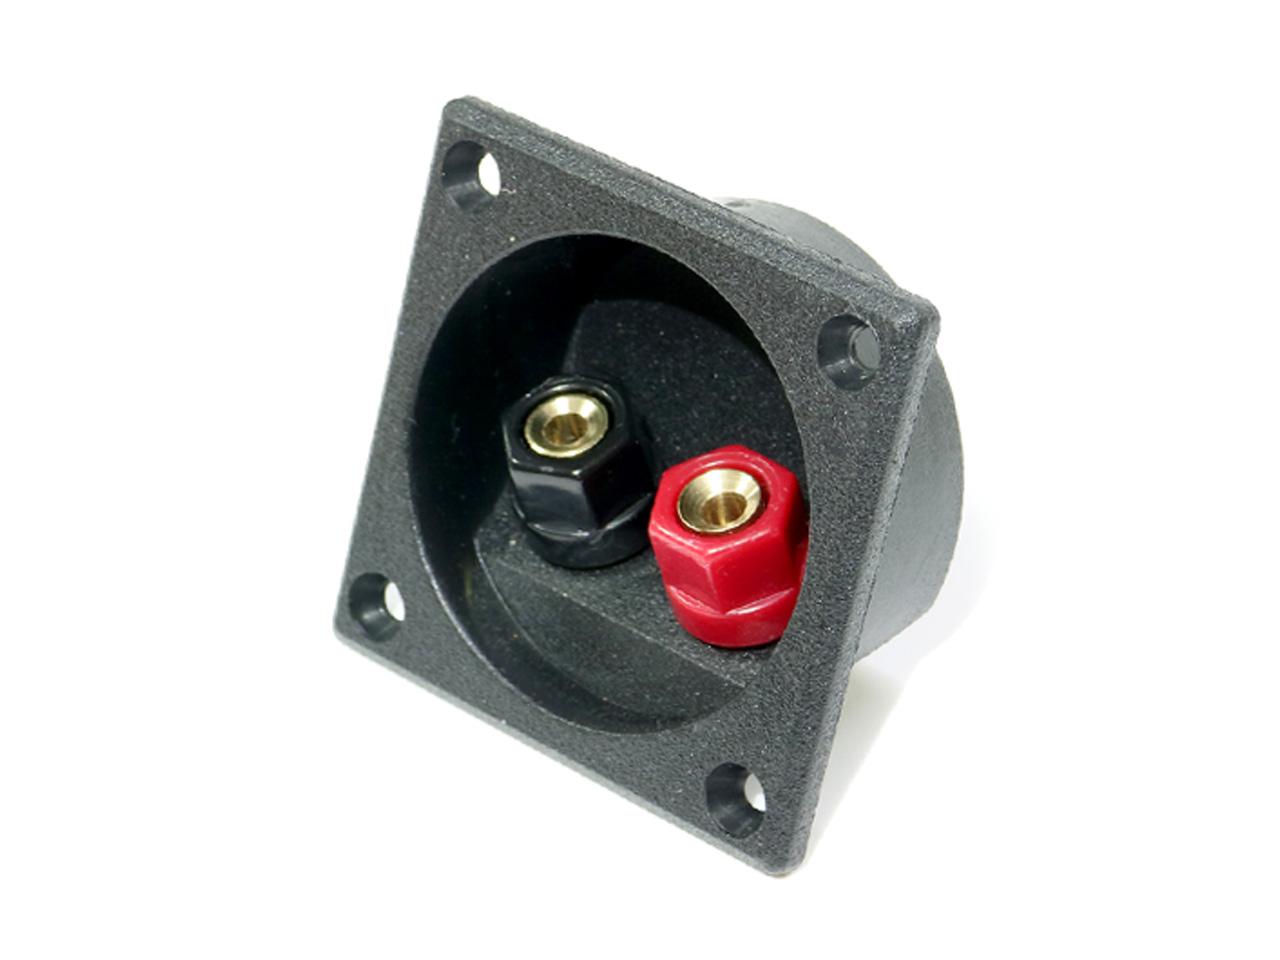 低価格化 ターミナルに銅素材を使用した高品質版 トレンド 埋込型スピーカーターミナル 高品質版 取り付け穴径Φ49mm Φ4mmバナナプラグ対応